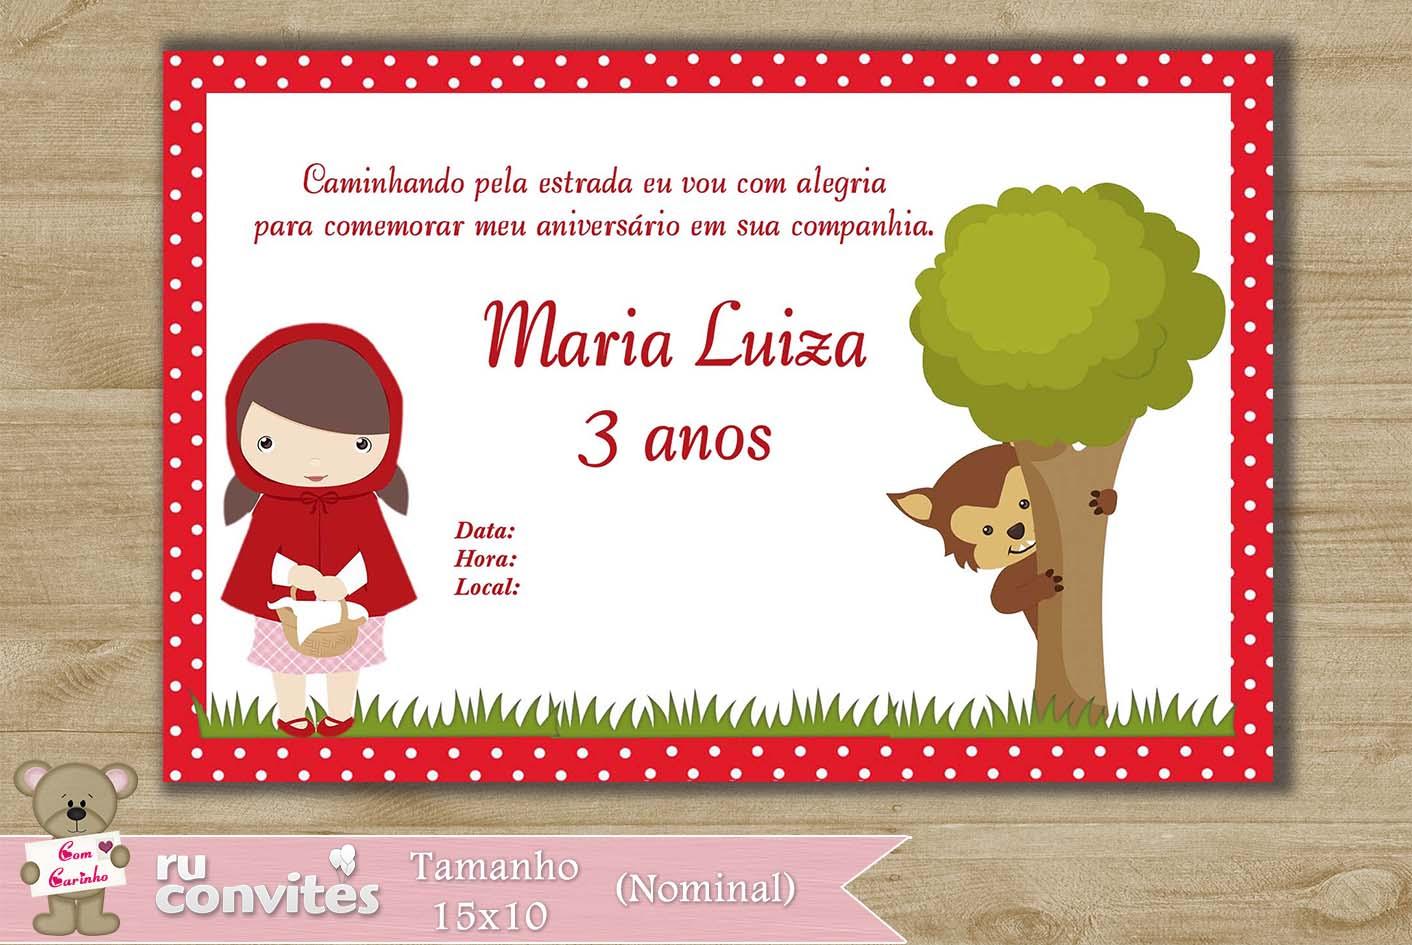 Convite Chapeuzinho Vermelho 352 No Elo7 Ruconvites 475667